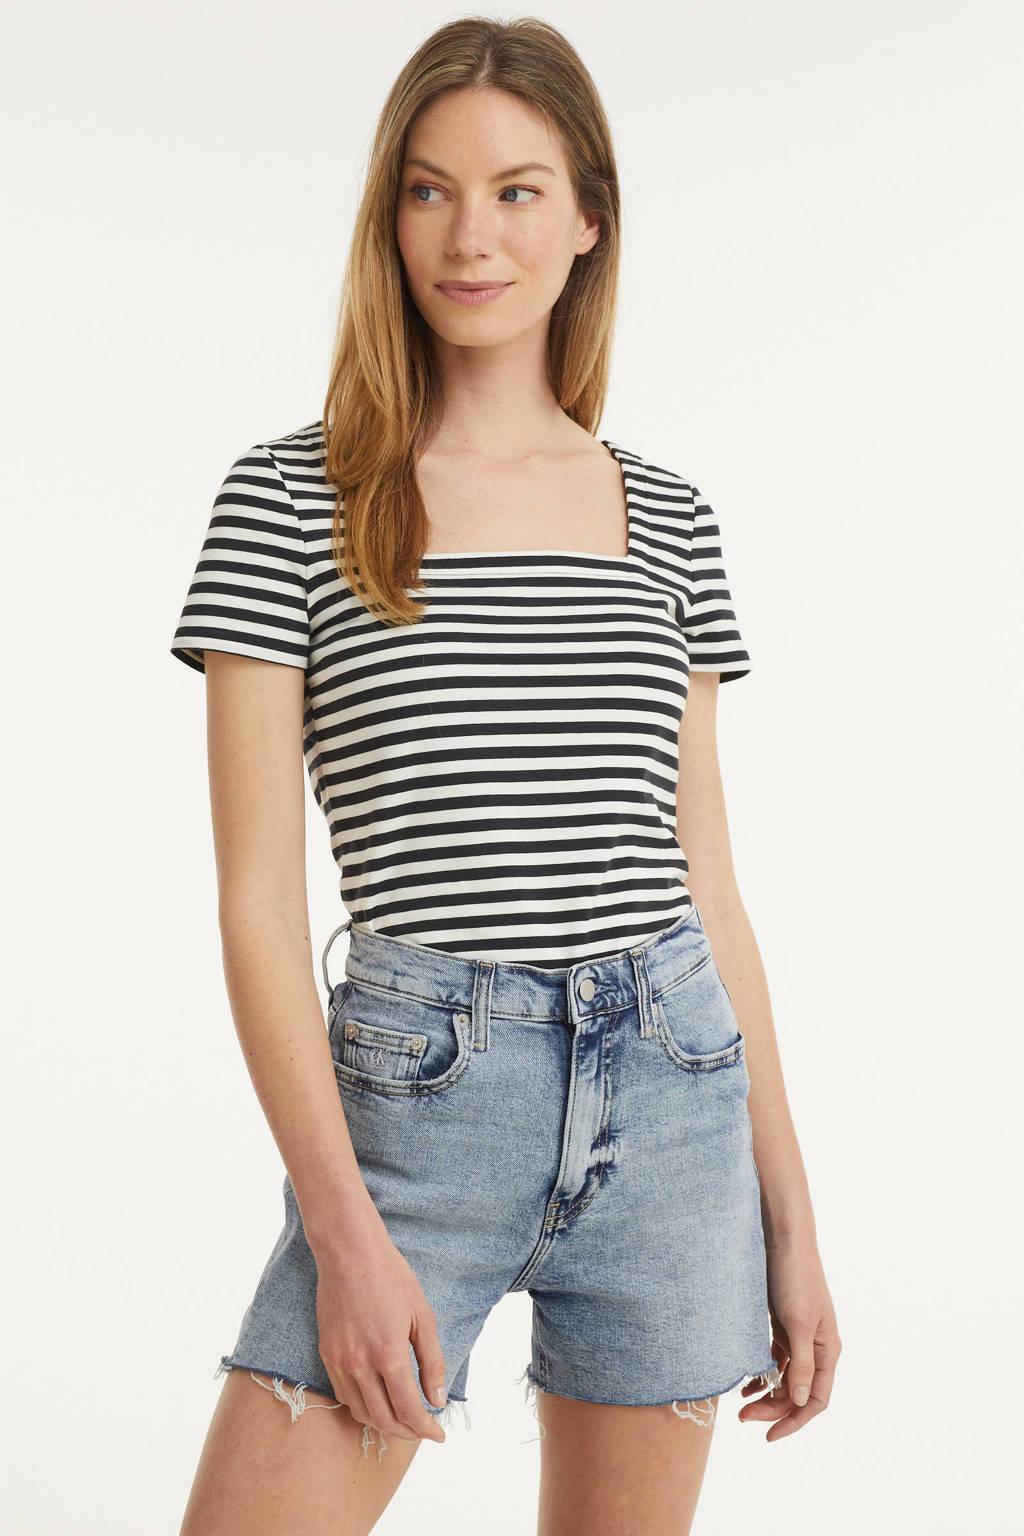 edc Women gestreept T-shirt met biologisch katoen zwart/wit, Zwart/wit